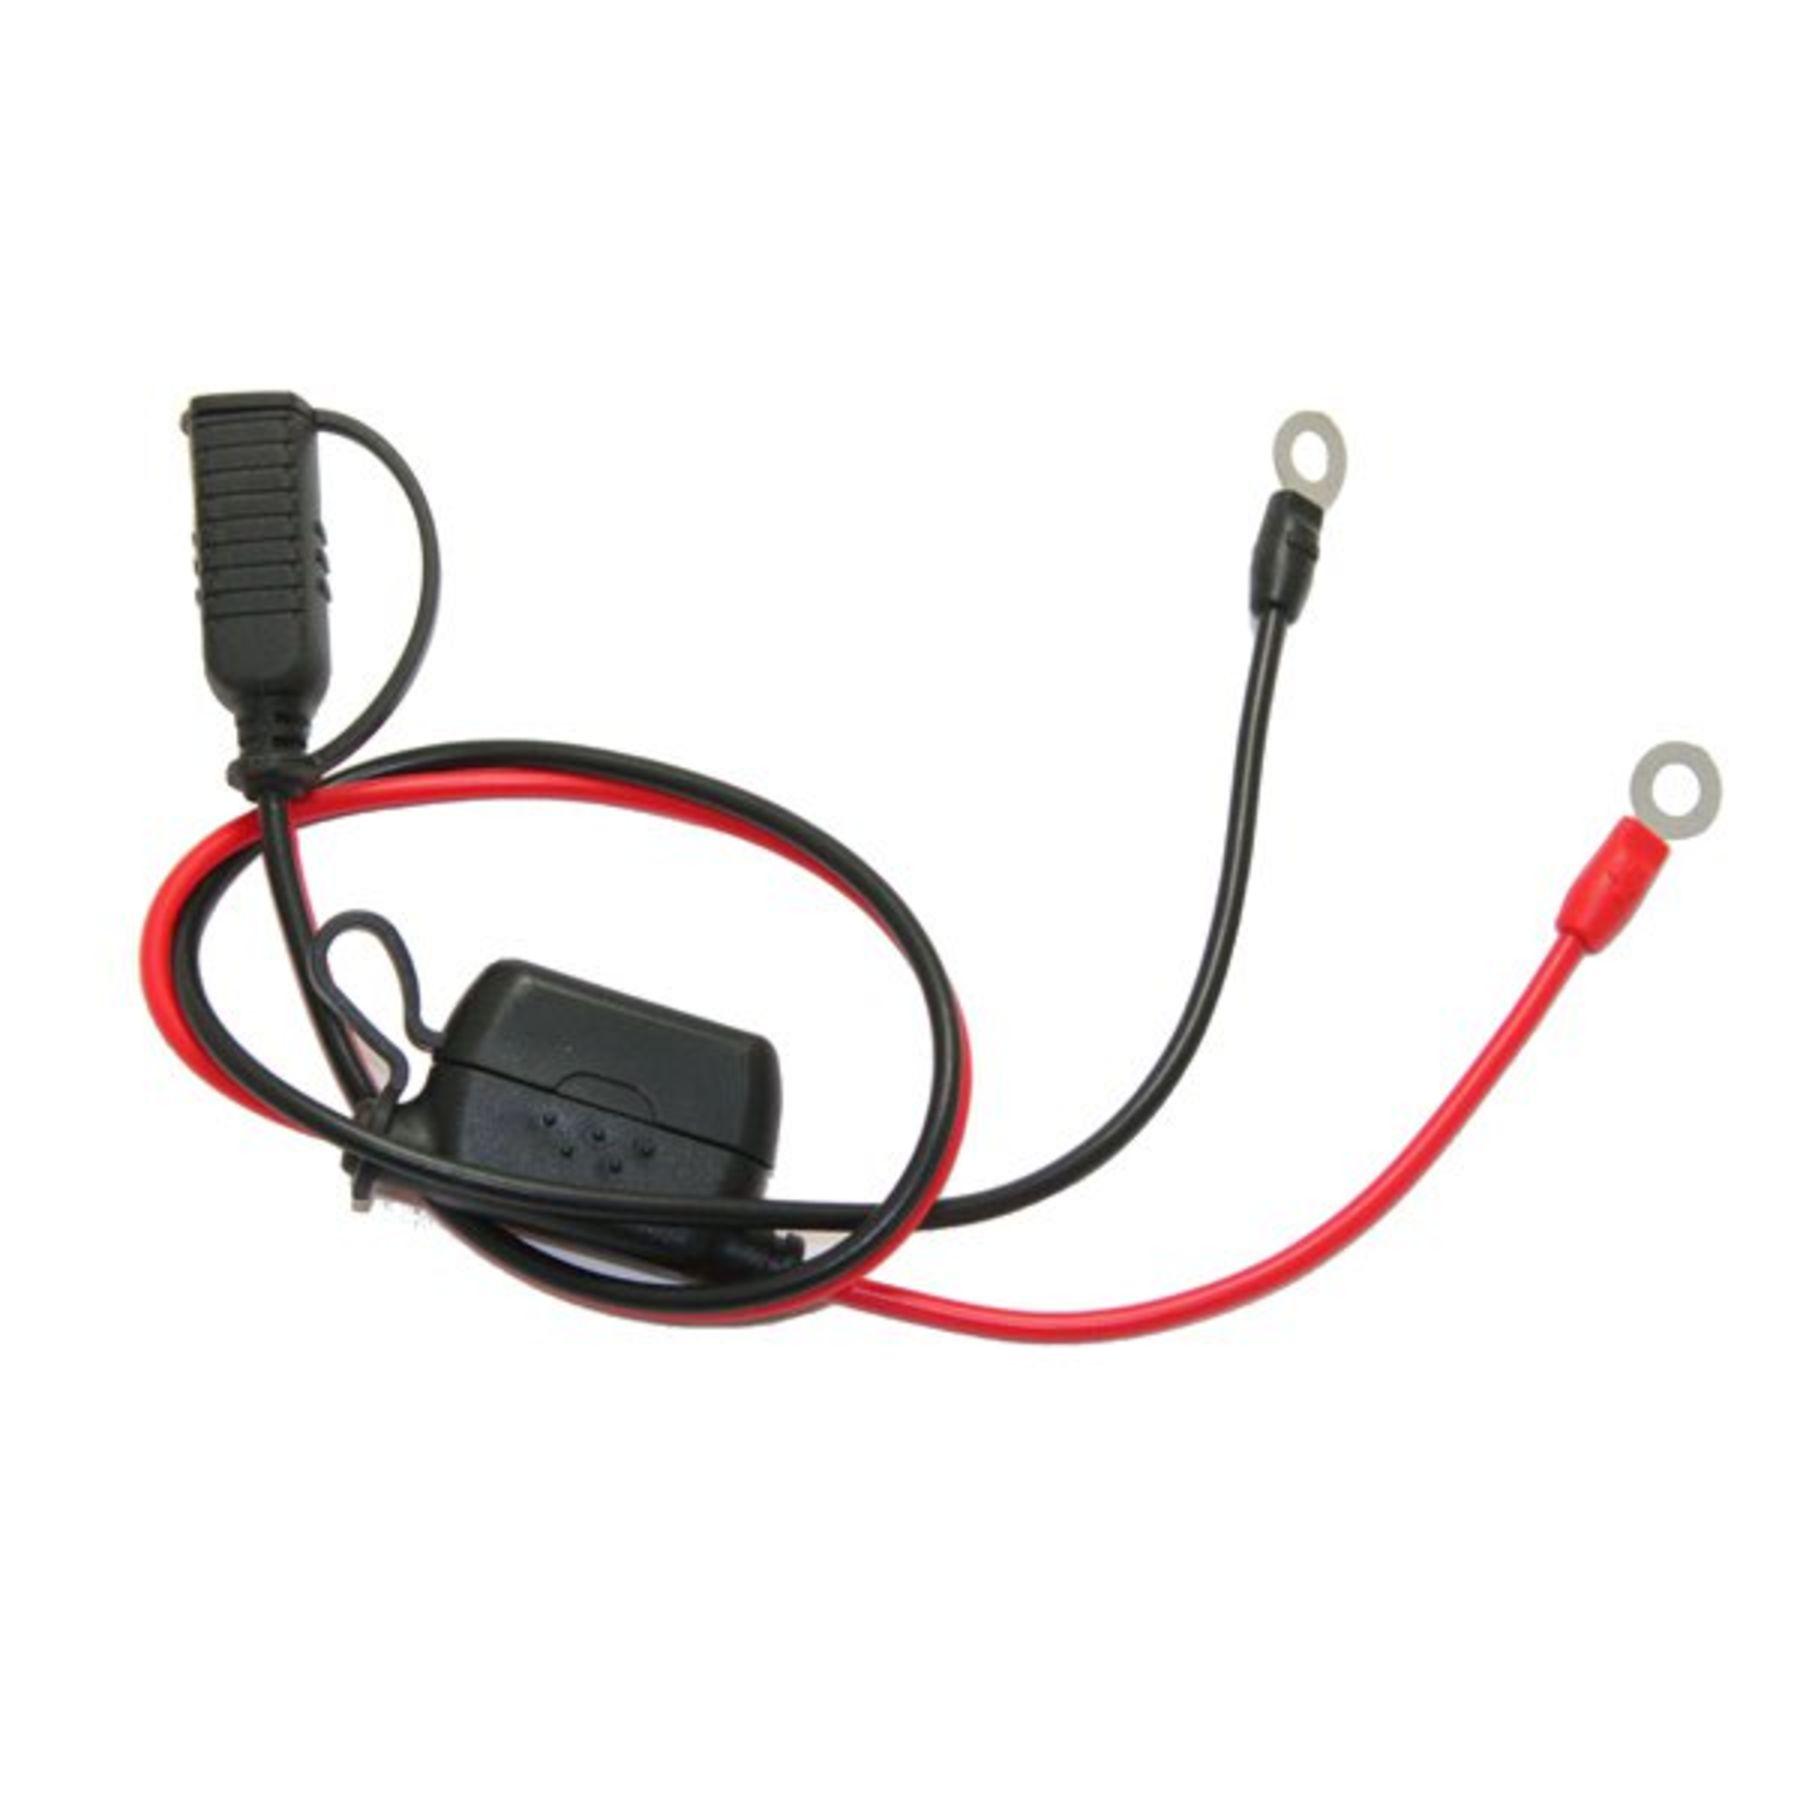 NOCO 12v Quick Disconnect Eyelet Terminal Connector - GC002